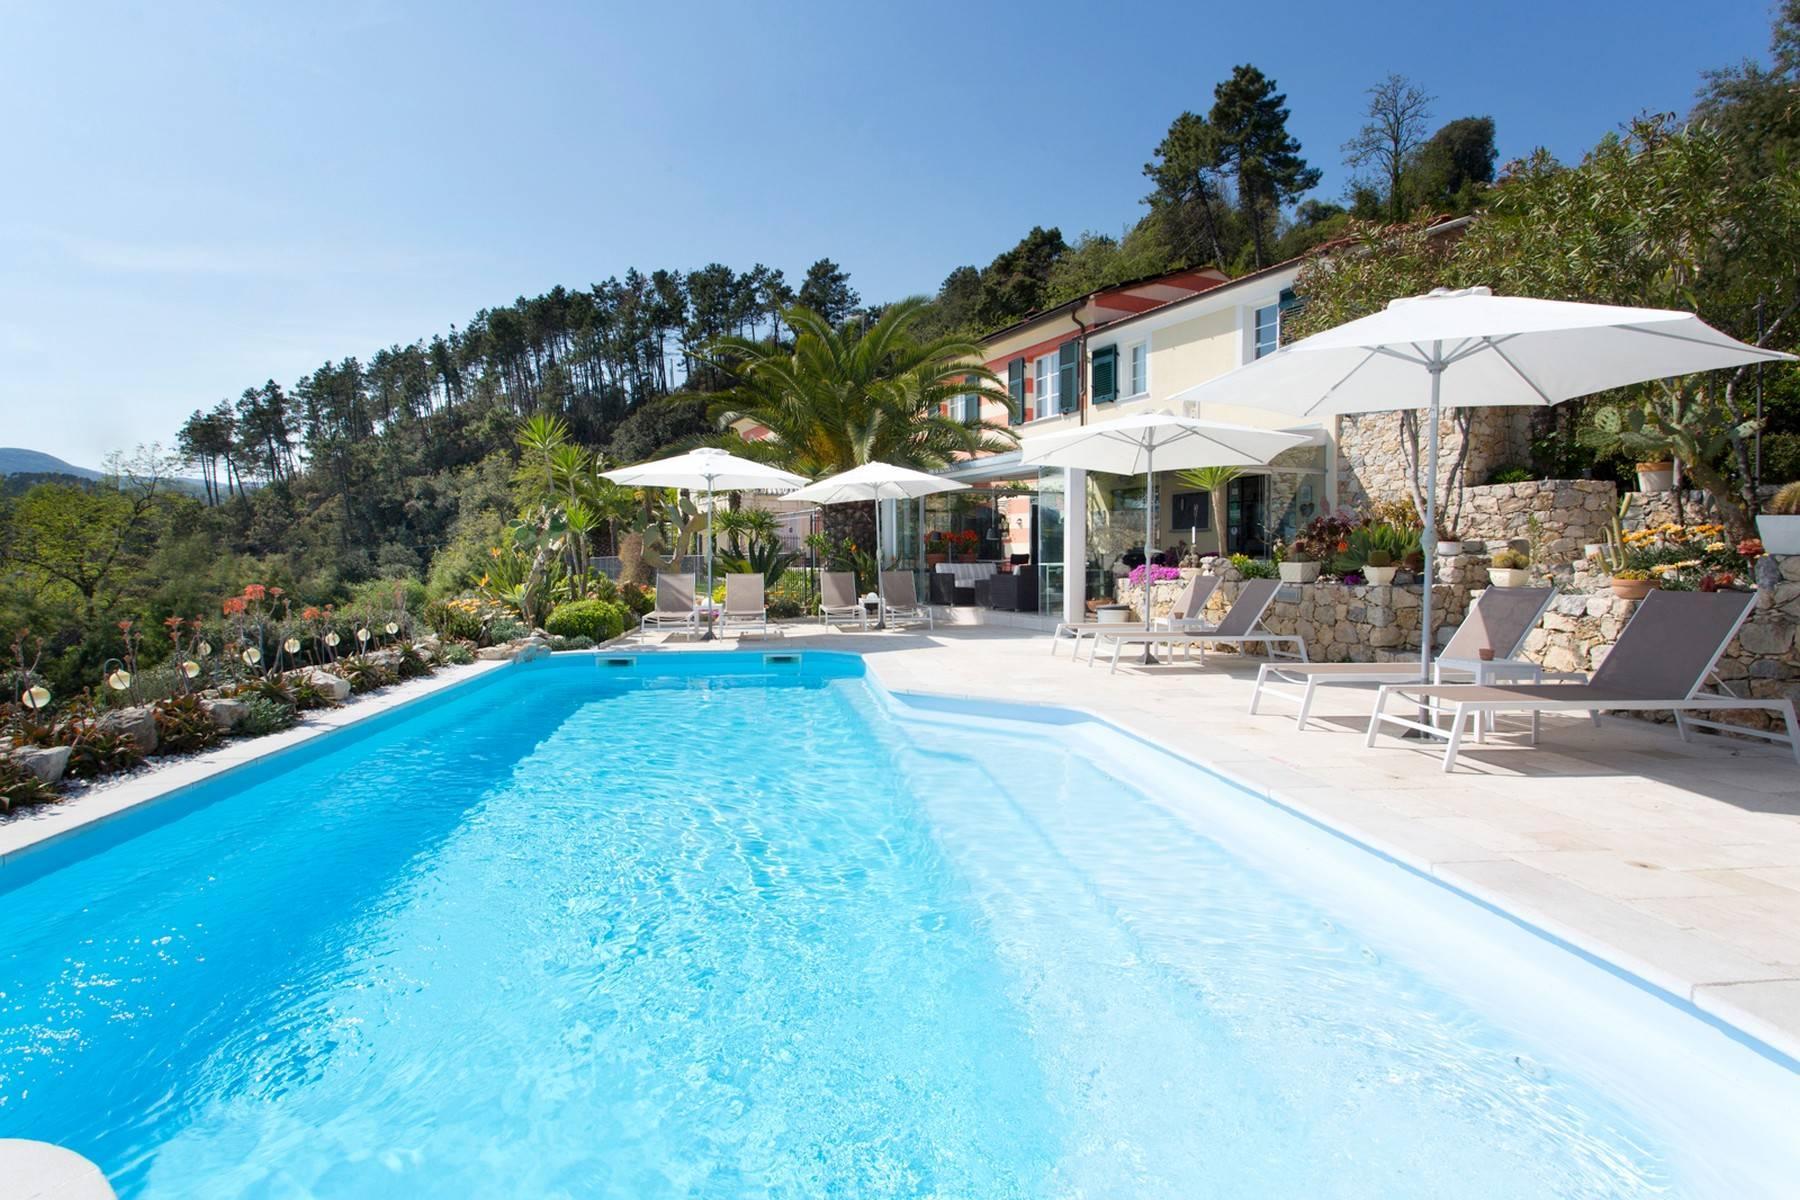 Wunderschöne Villa mit Blick auf die Bucht von La Spezia - 2